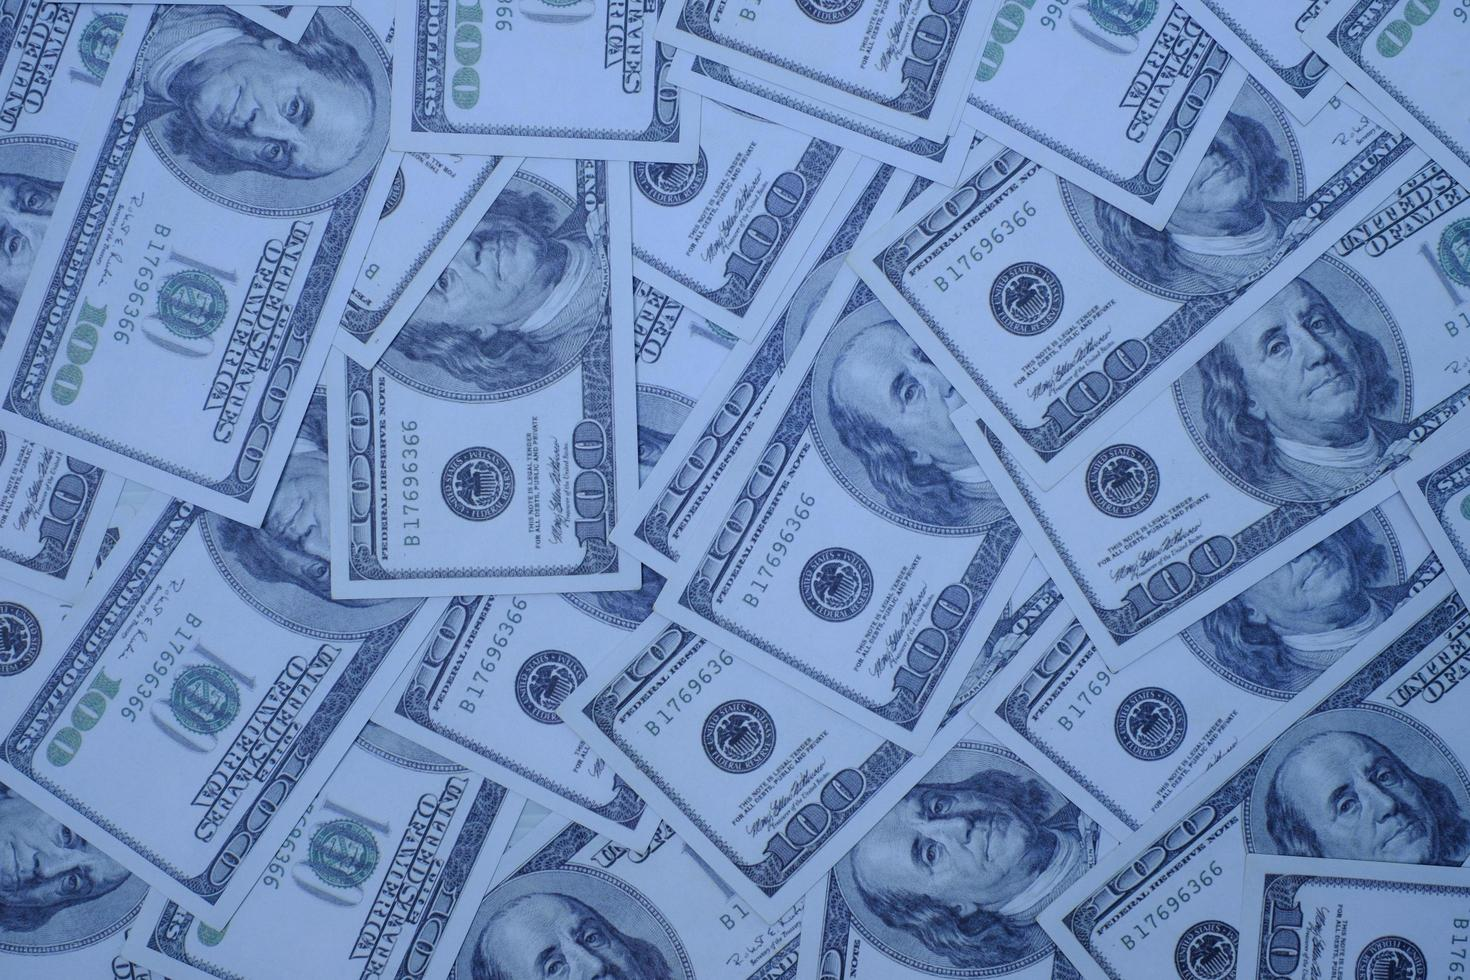 groupe d'argent pile de billets de 100 dollars américains beaucoup de la texture d'arrière-plan photo